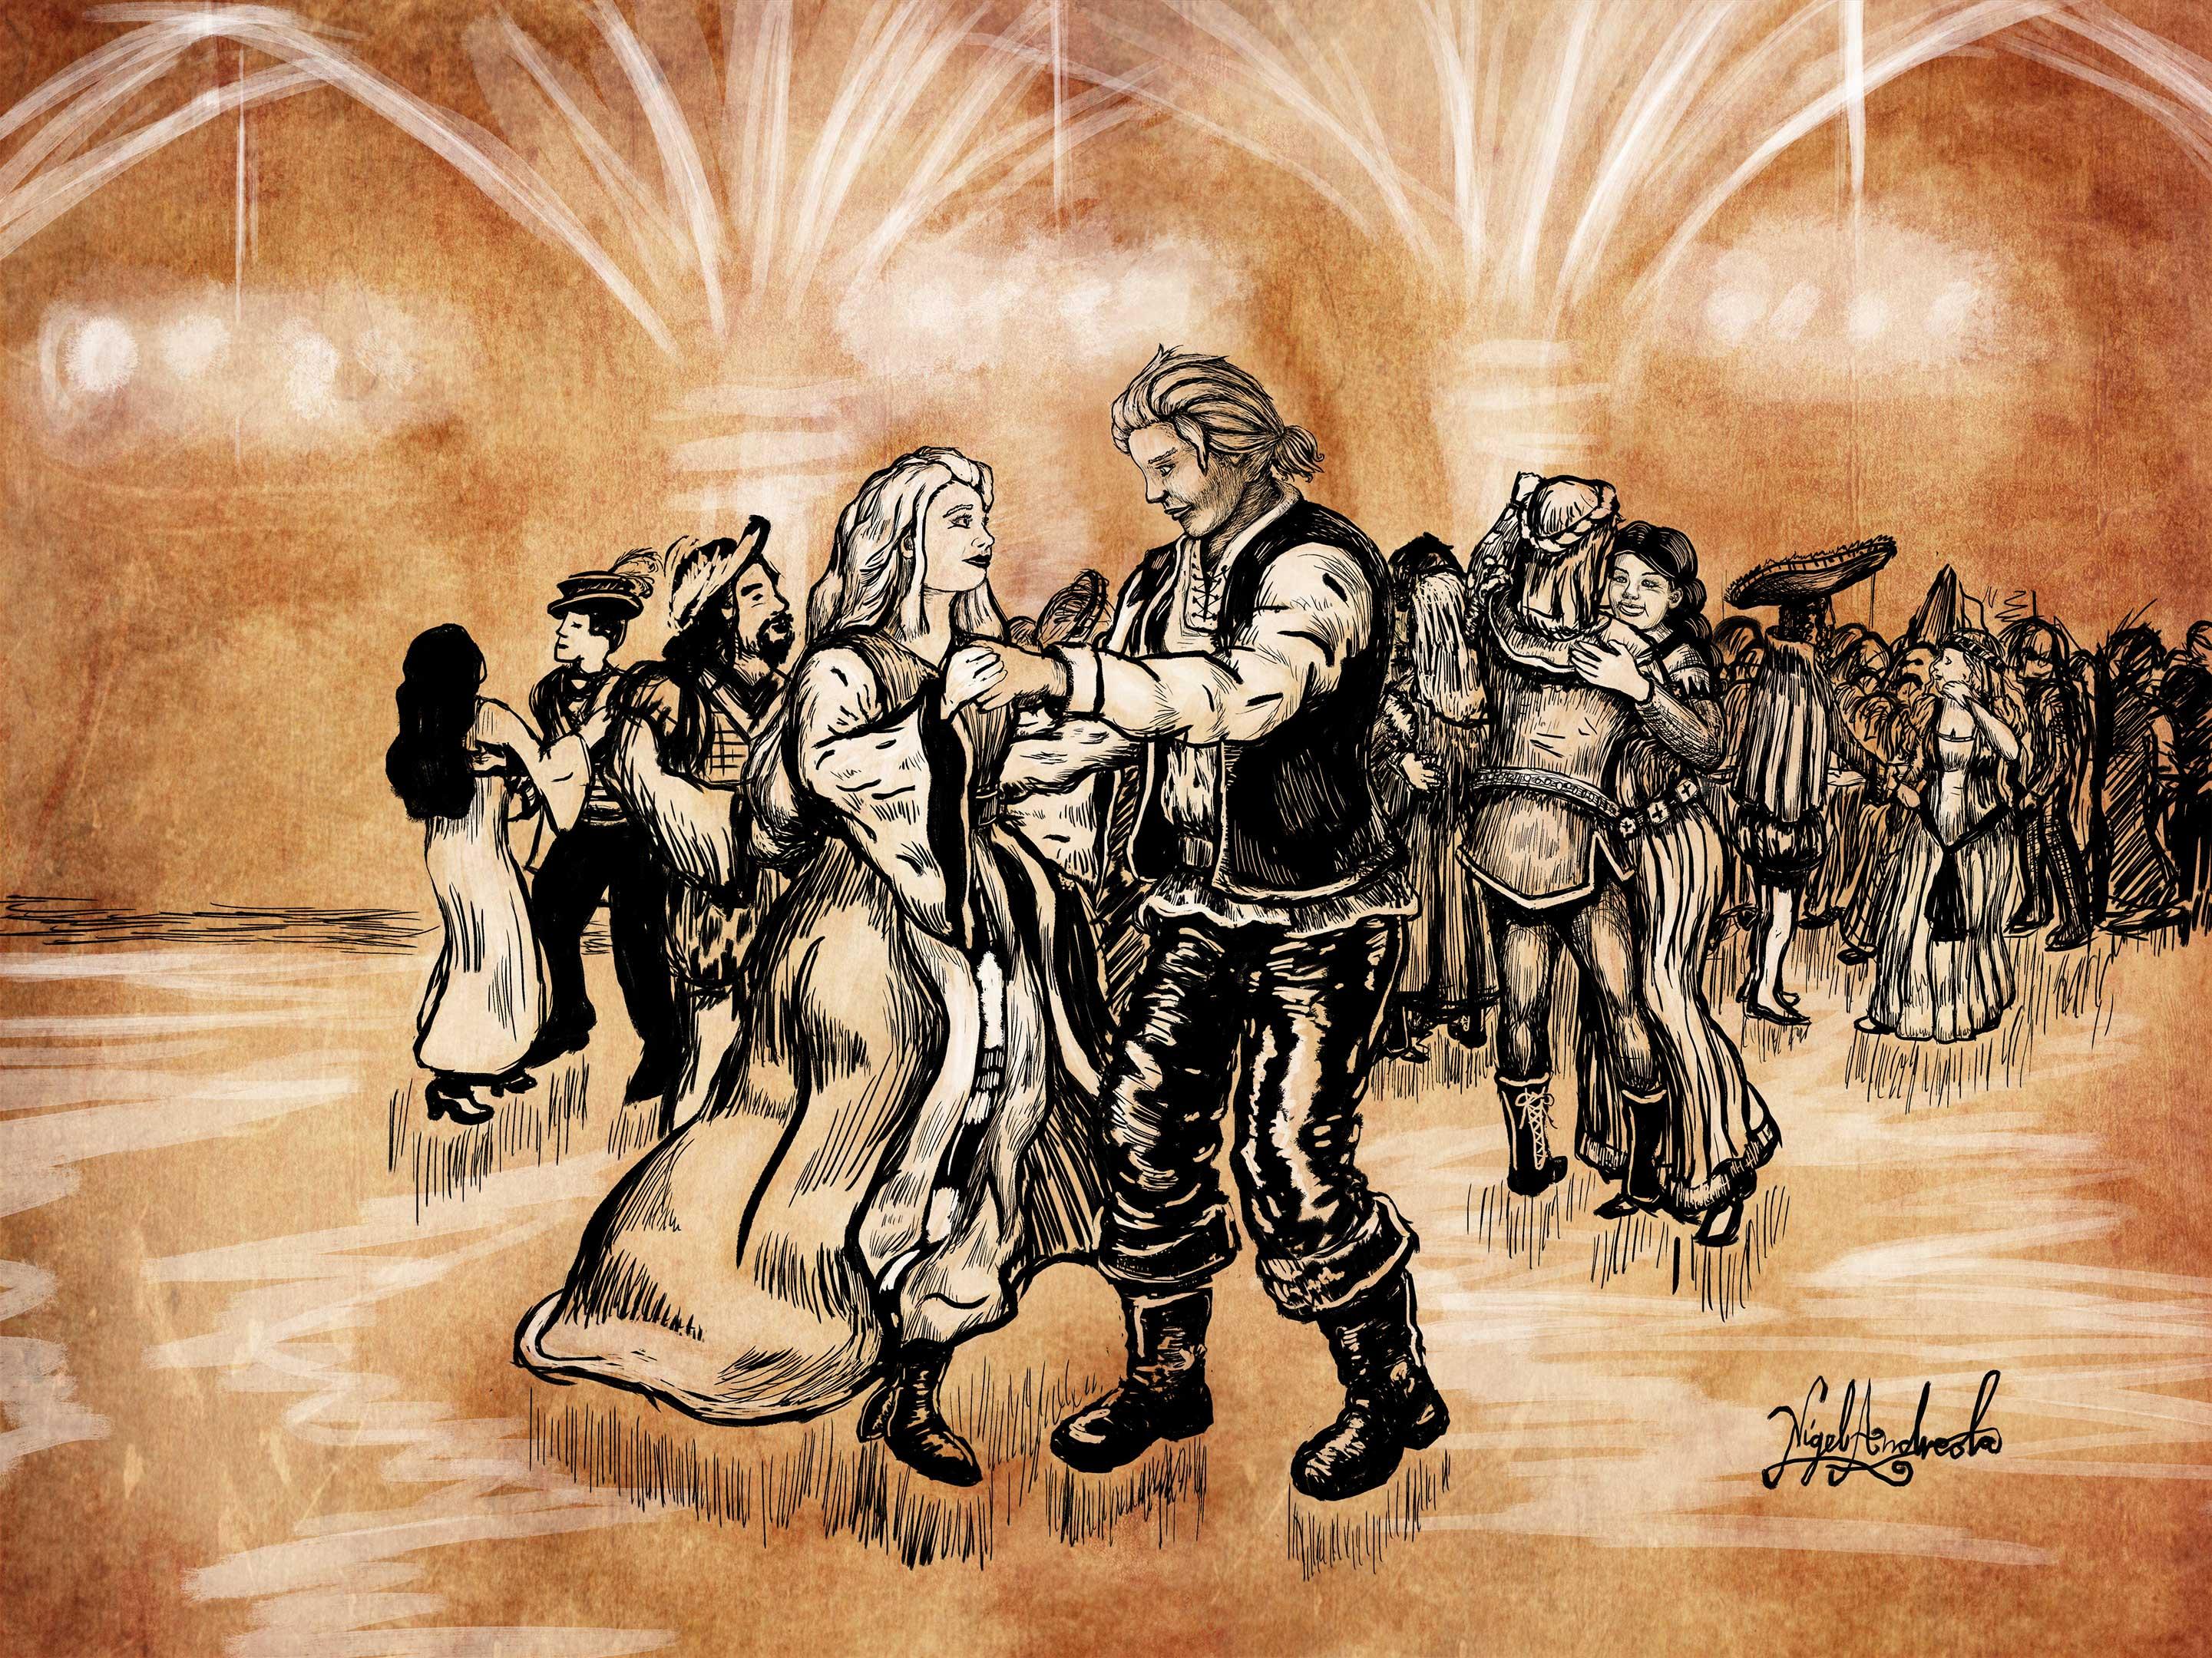 Keegan dancing - Tales of the Wovlen - Nigel Andreola - Starry Night Media